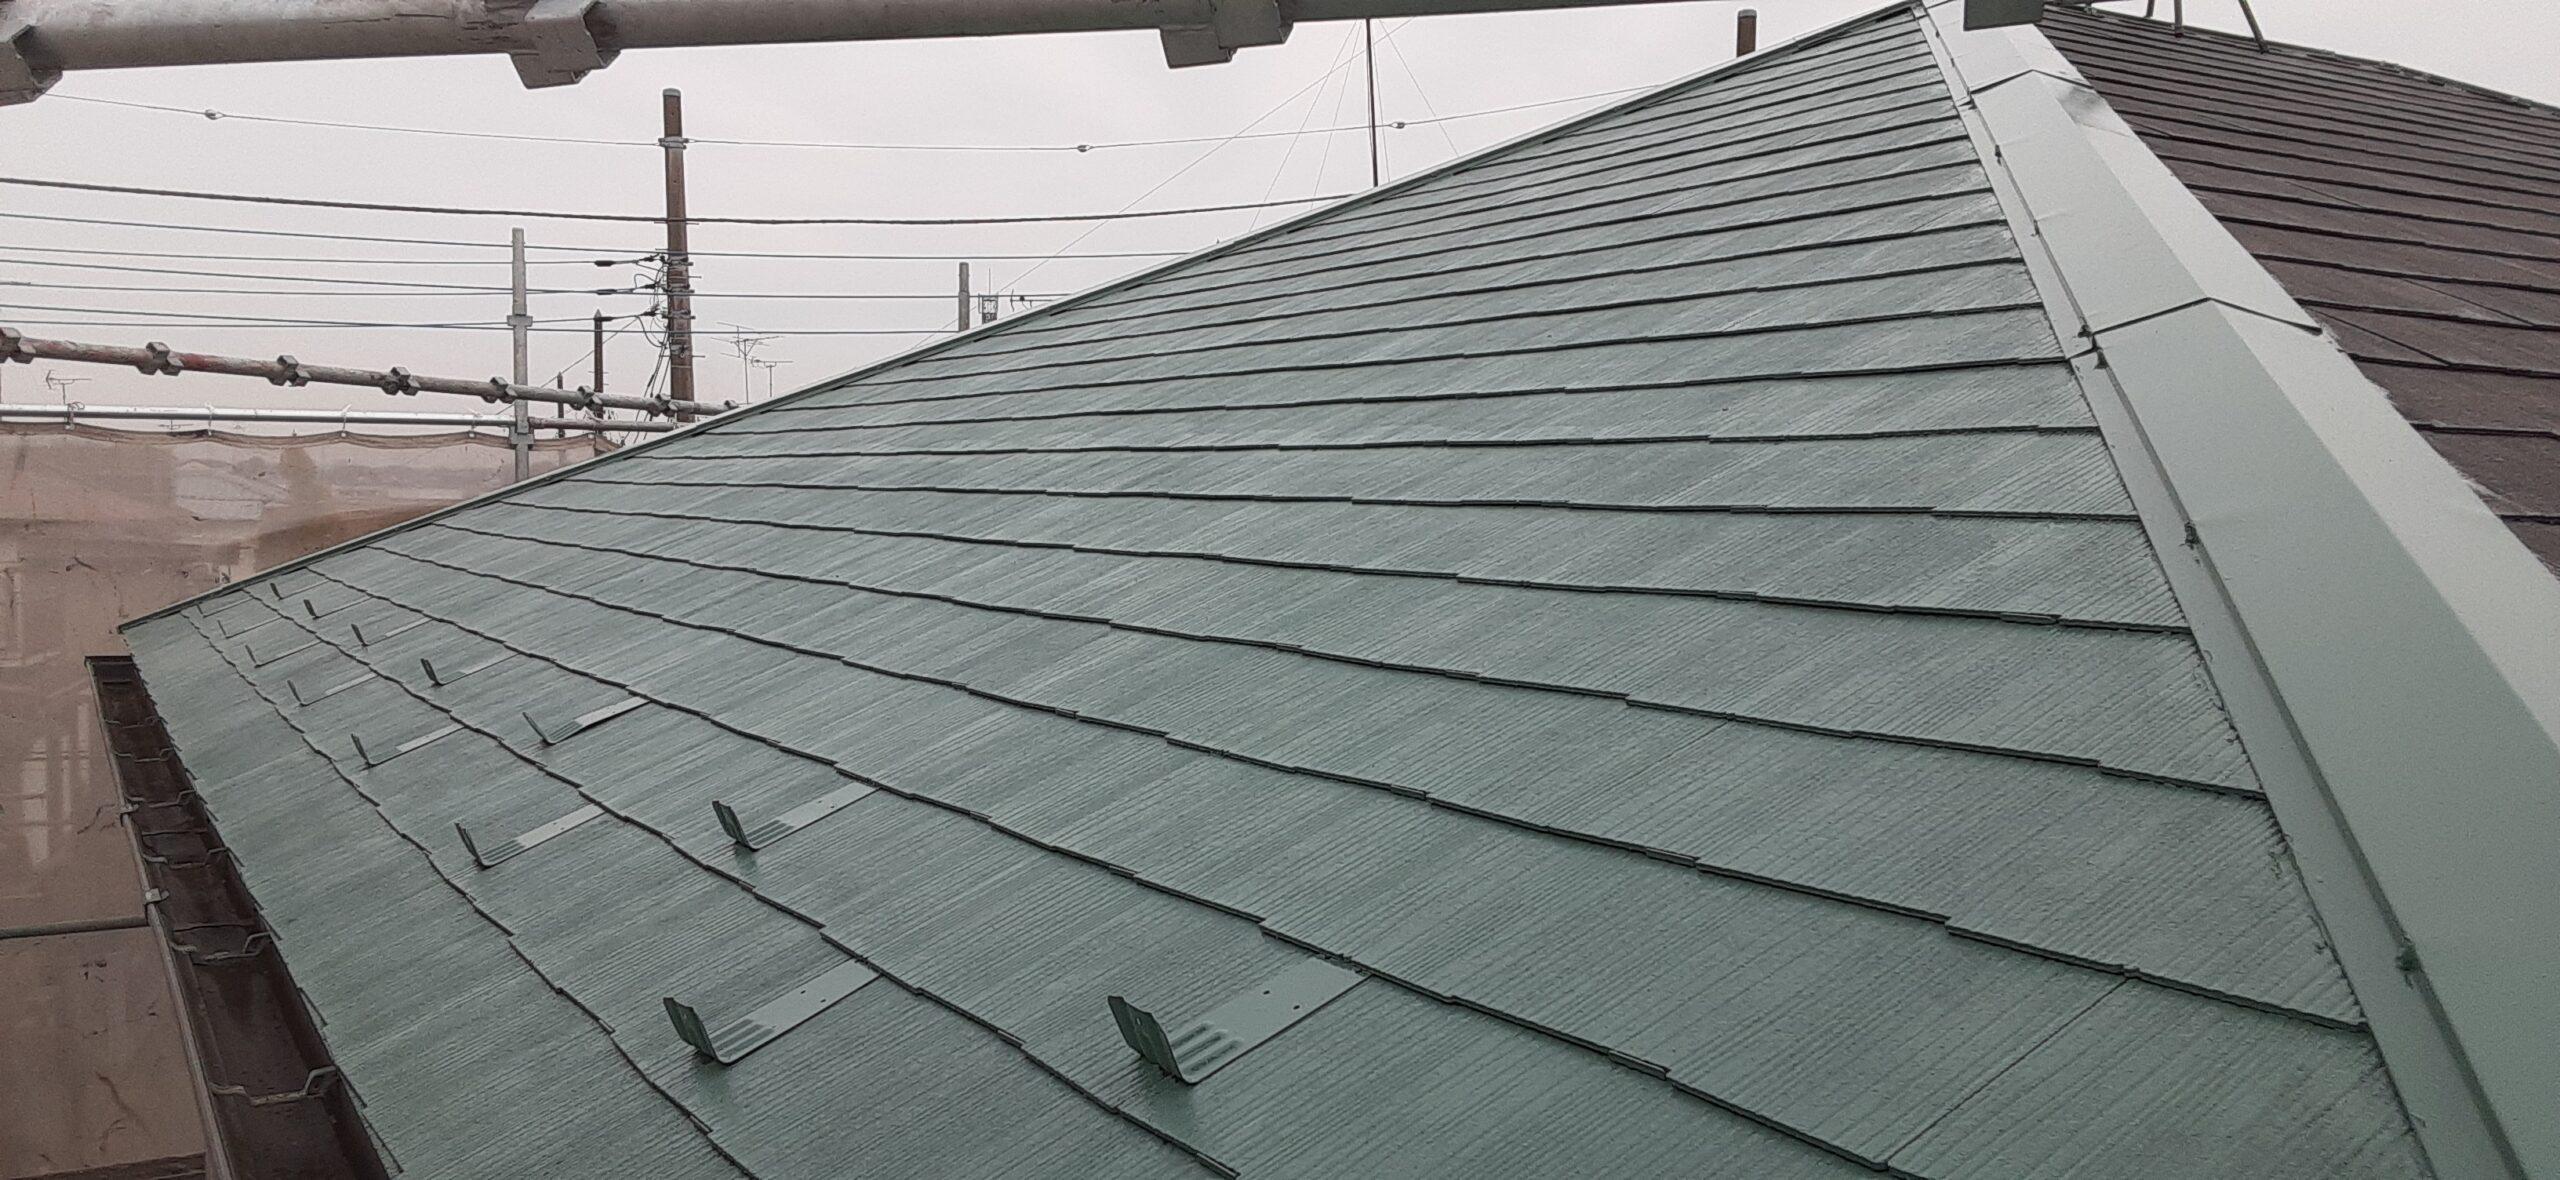 埼玉県さいたま市 屋根、外壁の塗装/さいたま市岩槻区の(木造2階建て)M様邸にて塗り替えリホーム中